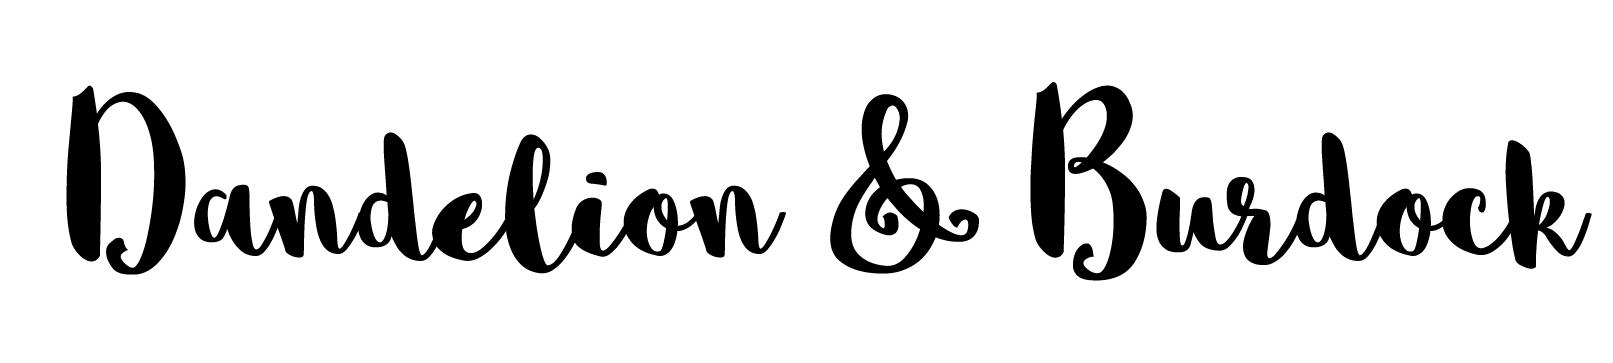 WEBSITE NAMES SCRIPT FONT-Dandelion and Burdockpng.png